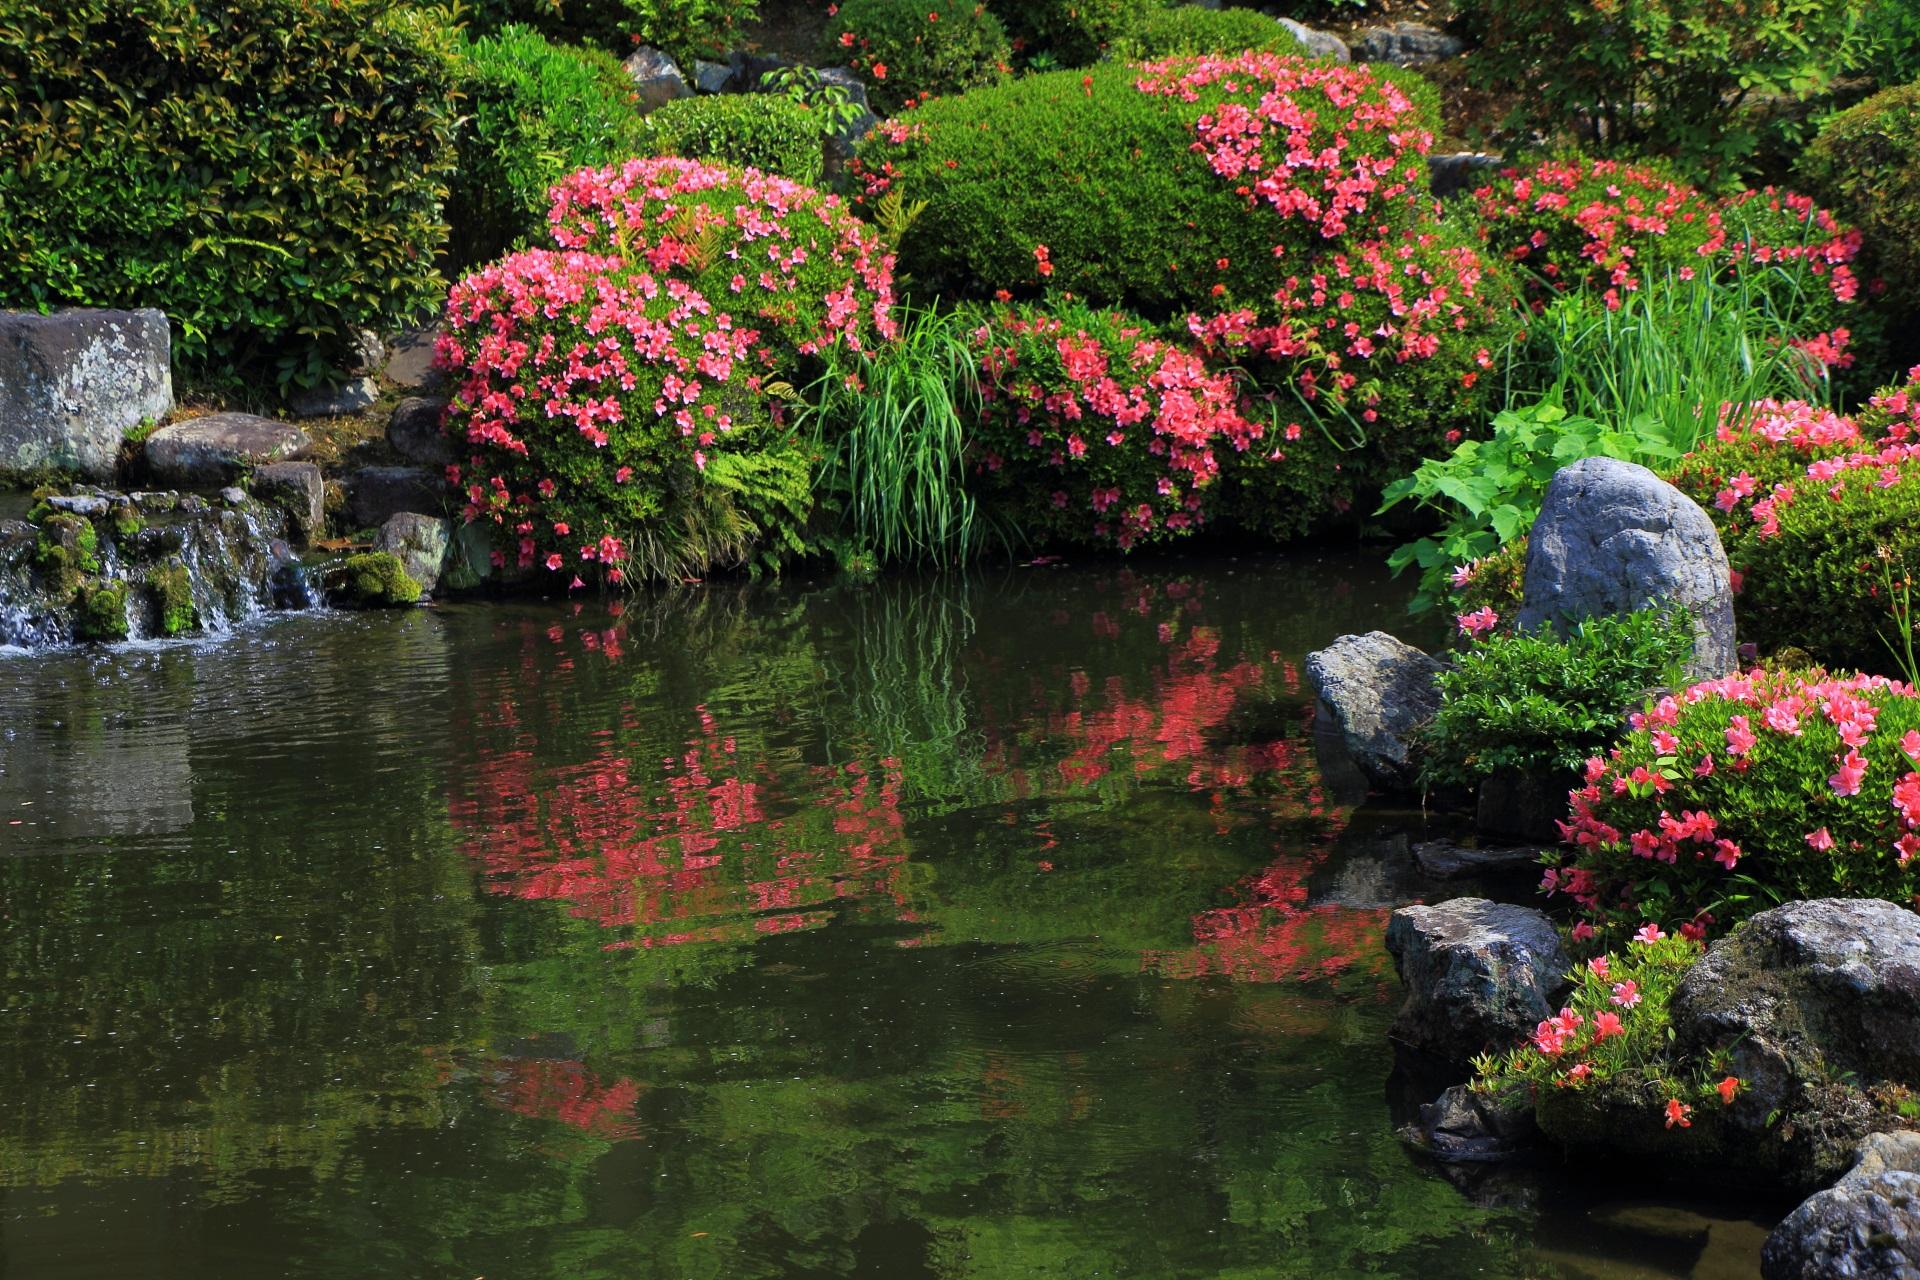 等持院の芙蓉池の水辺の鮮やかなピンクのサツキ